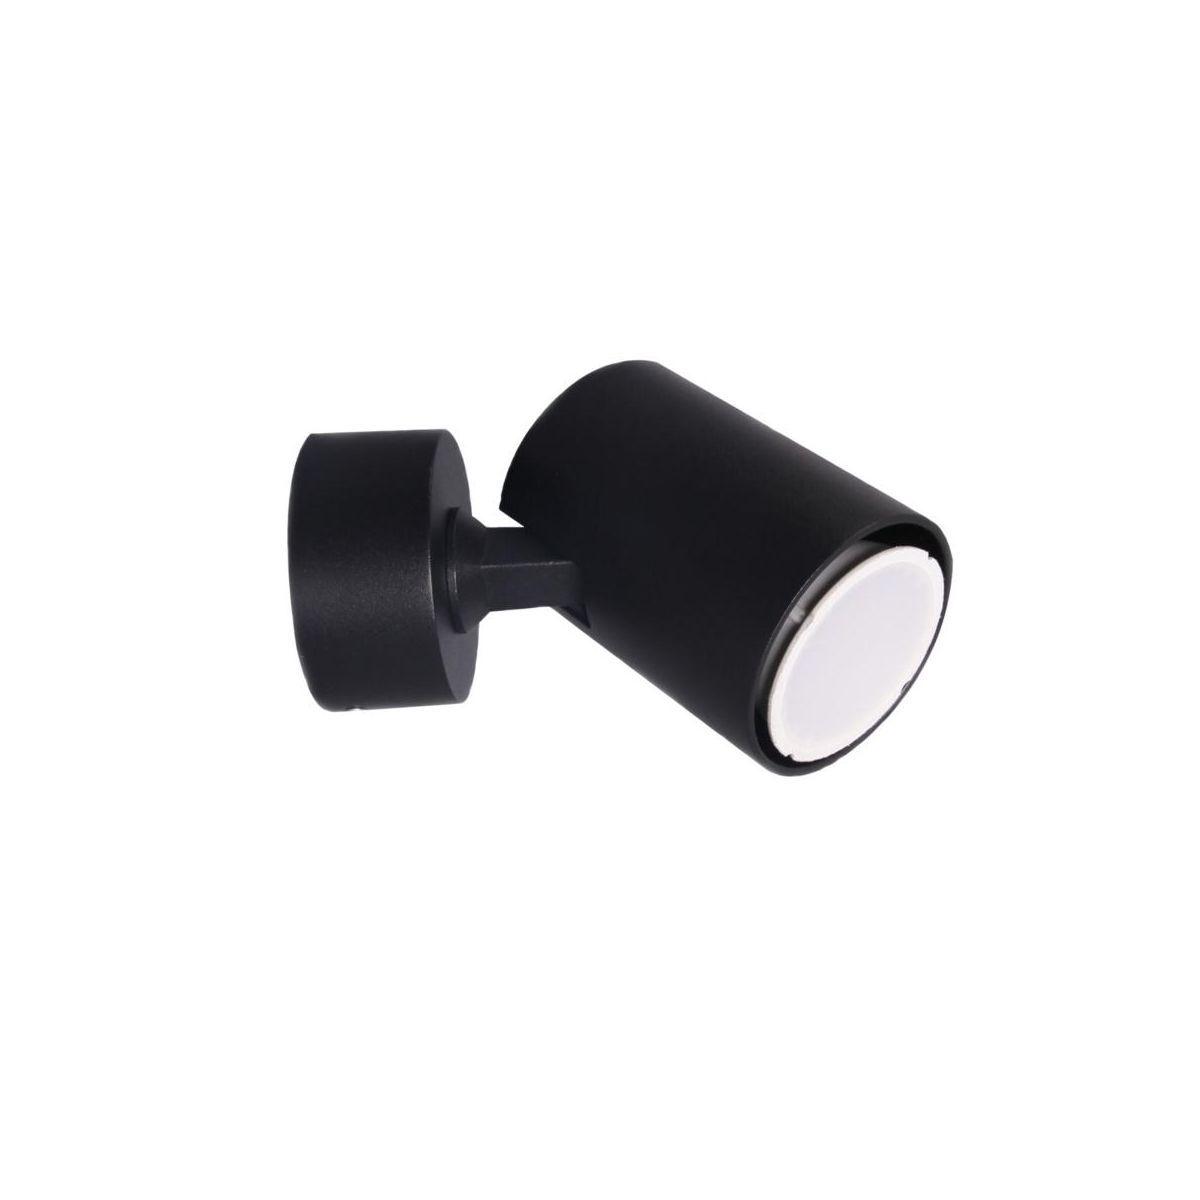 Reflektorek Snow Czarny Gu10 Light Prestige Serie Reflektorkow W Atrakcyjnej Cenie W Sklepach Leroy Merlin Ceiling Lights Track Lighting Light